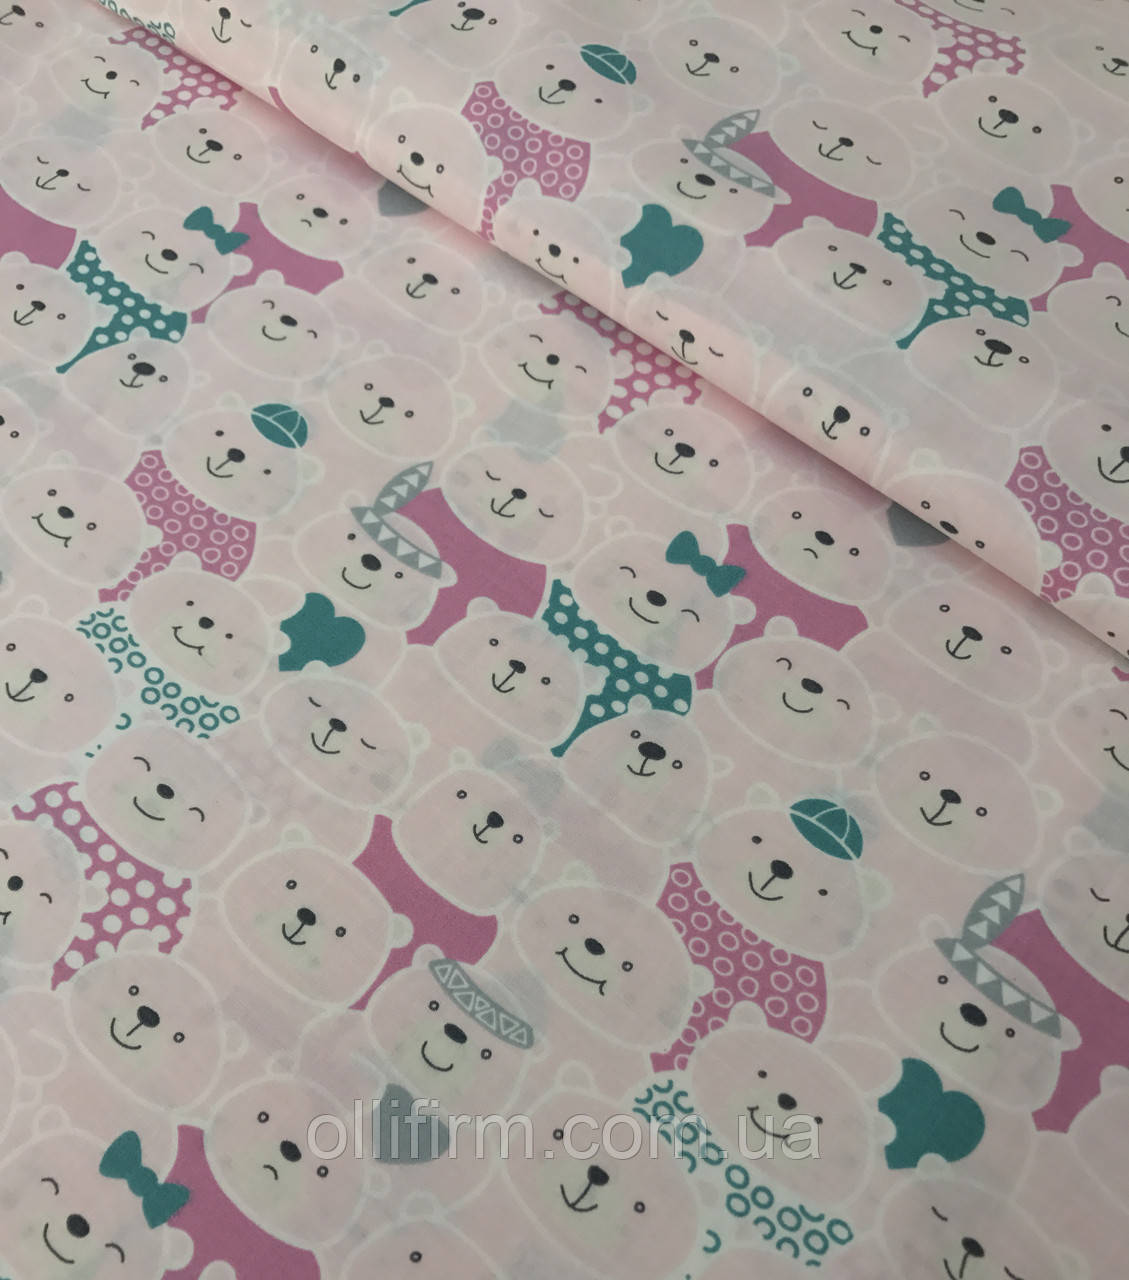 Хлопковая ткань польская мишки розово-белые №526